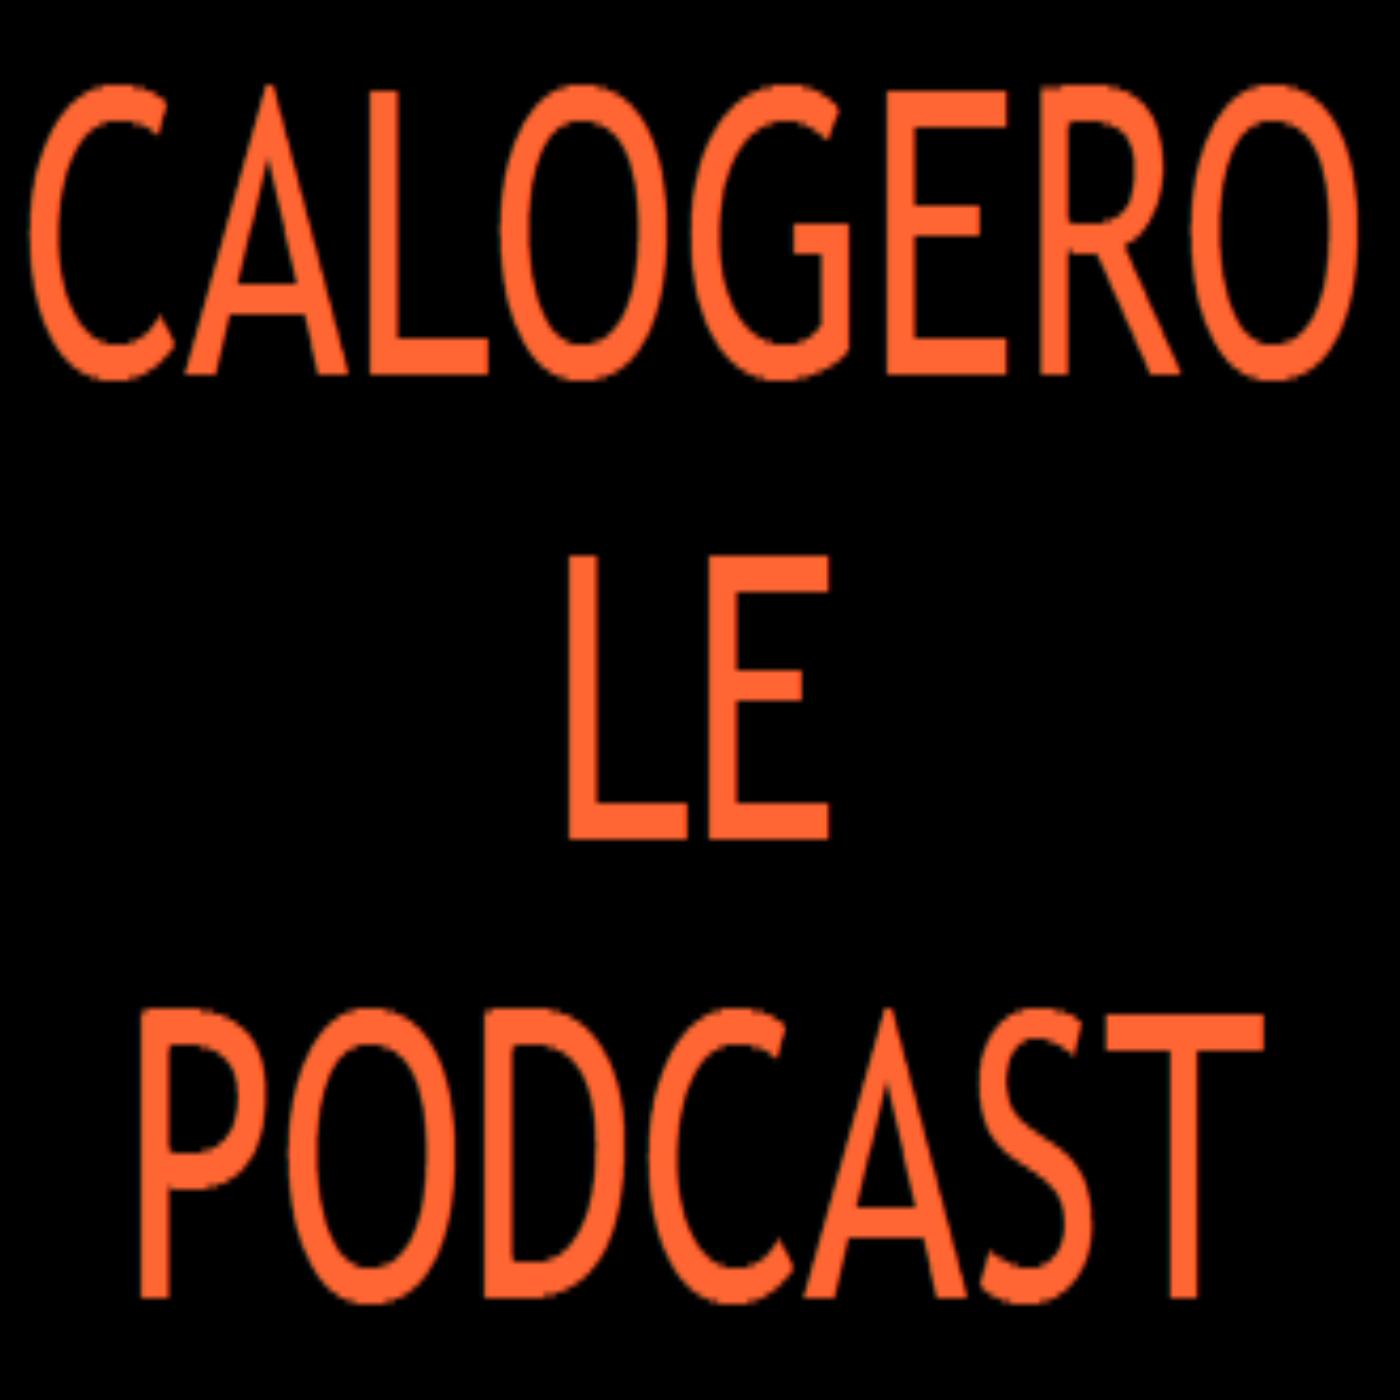 Podcast Episode 18 : Entretien avec valentin Montu, co-réalisateur de l'album